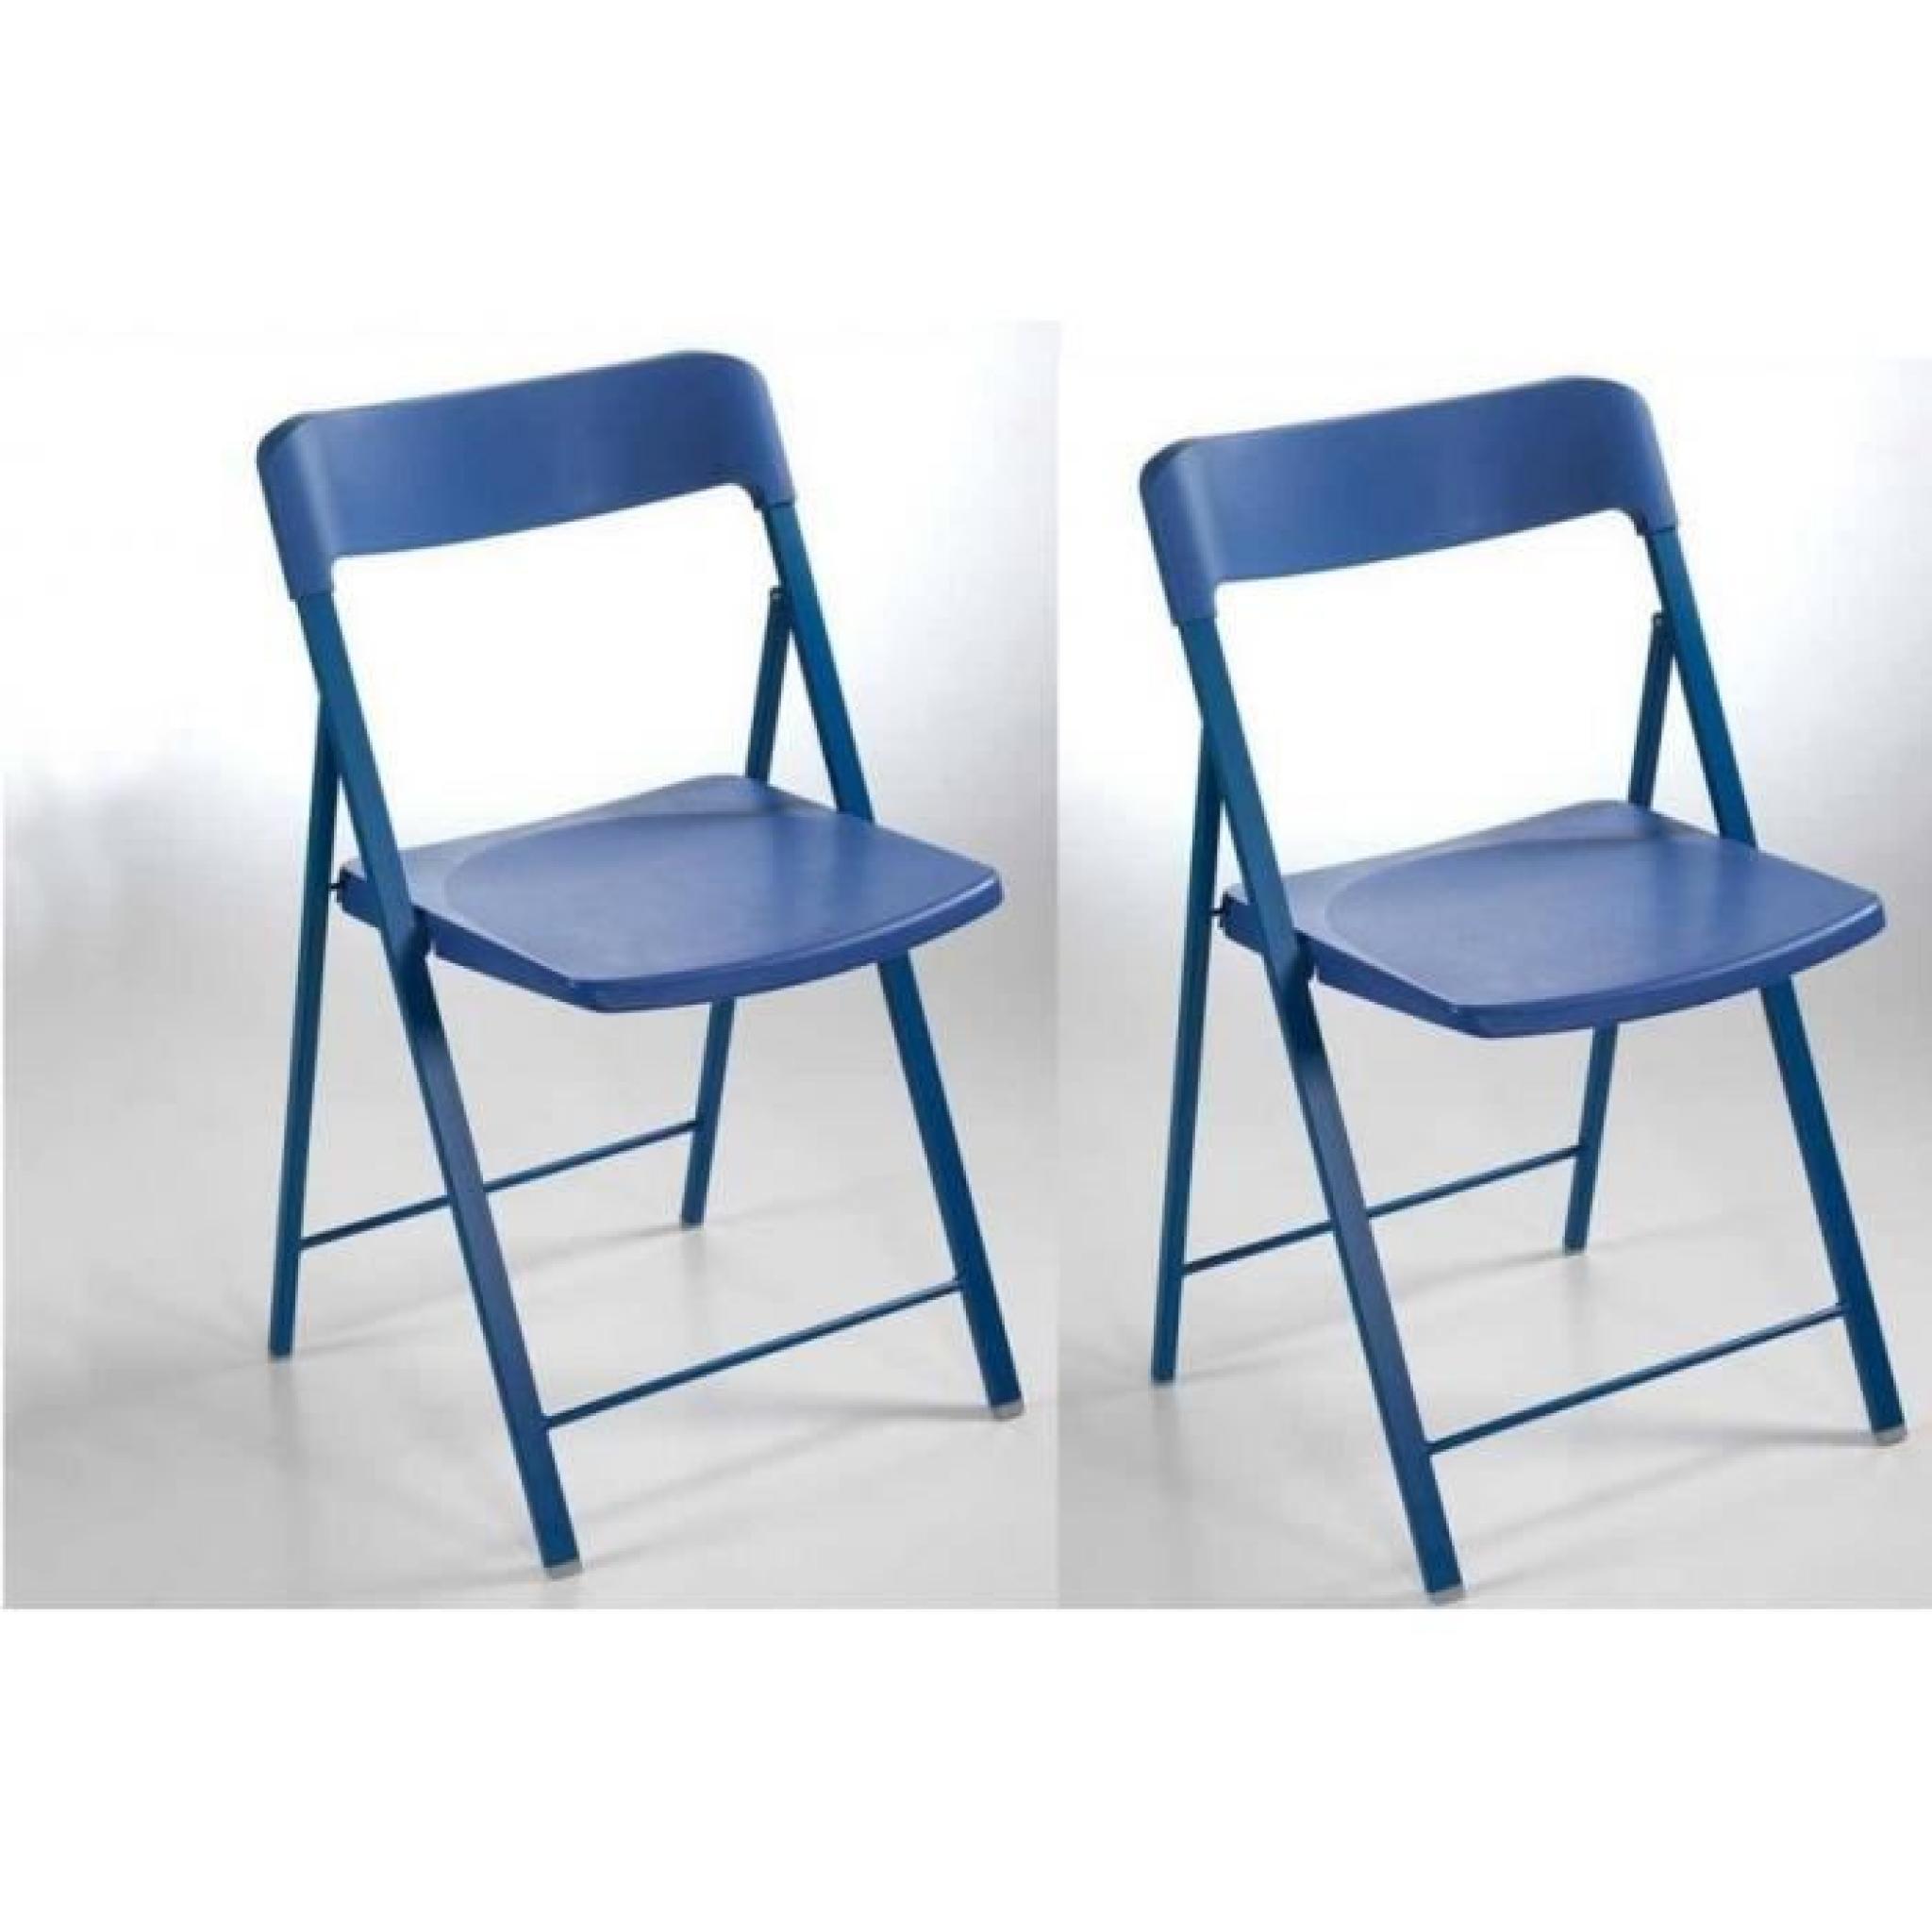 lot de 2 chaises pliantes kully en plastique bleu achat. Black Bedroom Furniture Sets. Home Design Ideas